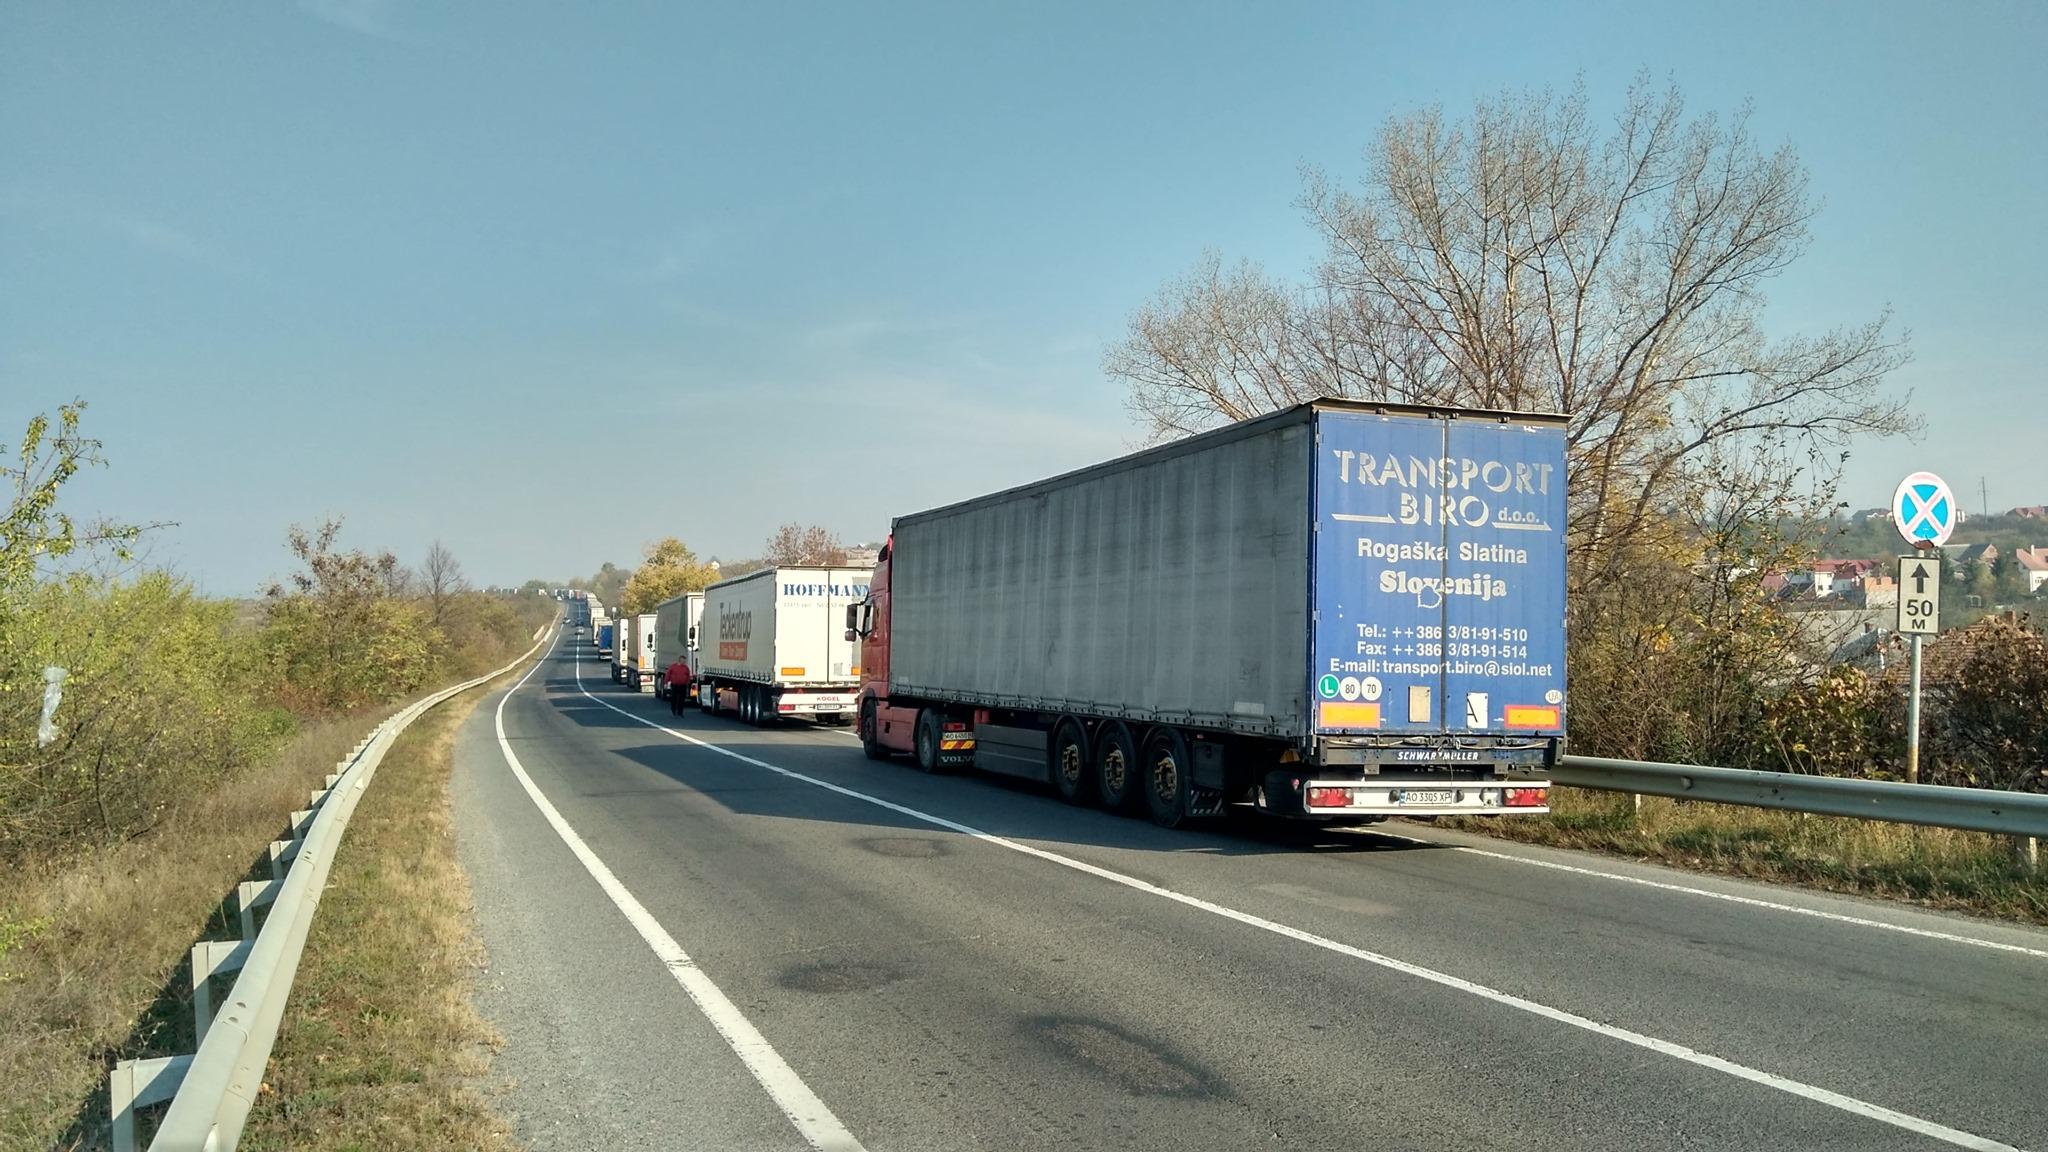 """На КПП """"Ужгород-Вишнє Нємецке"""" величезні черги з вантажівок"""